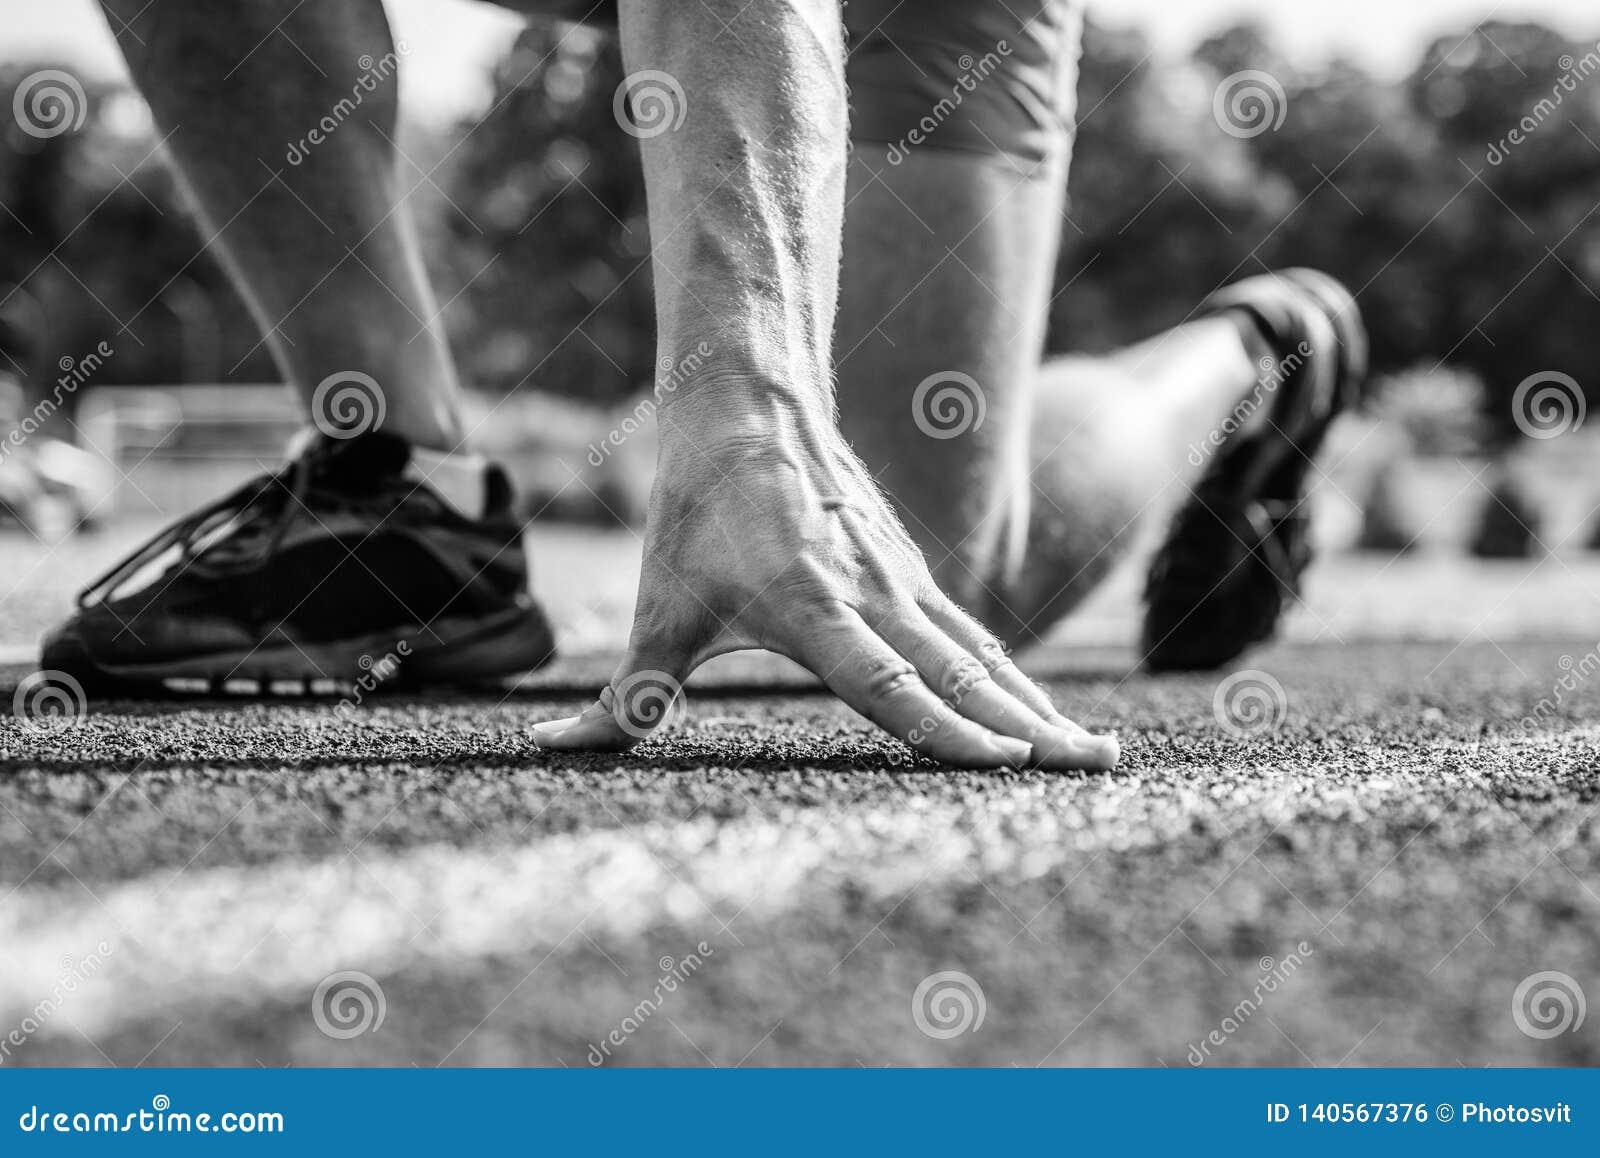 Agent klaar dicht te stijgen Klaar regelmatig gaat concept Bij begin van grote sportcarrière Uitgangspunt Handaanraking